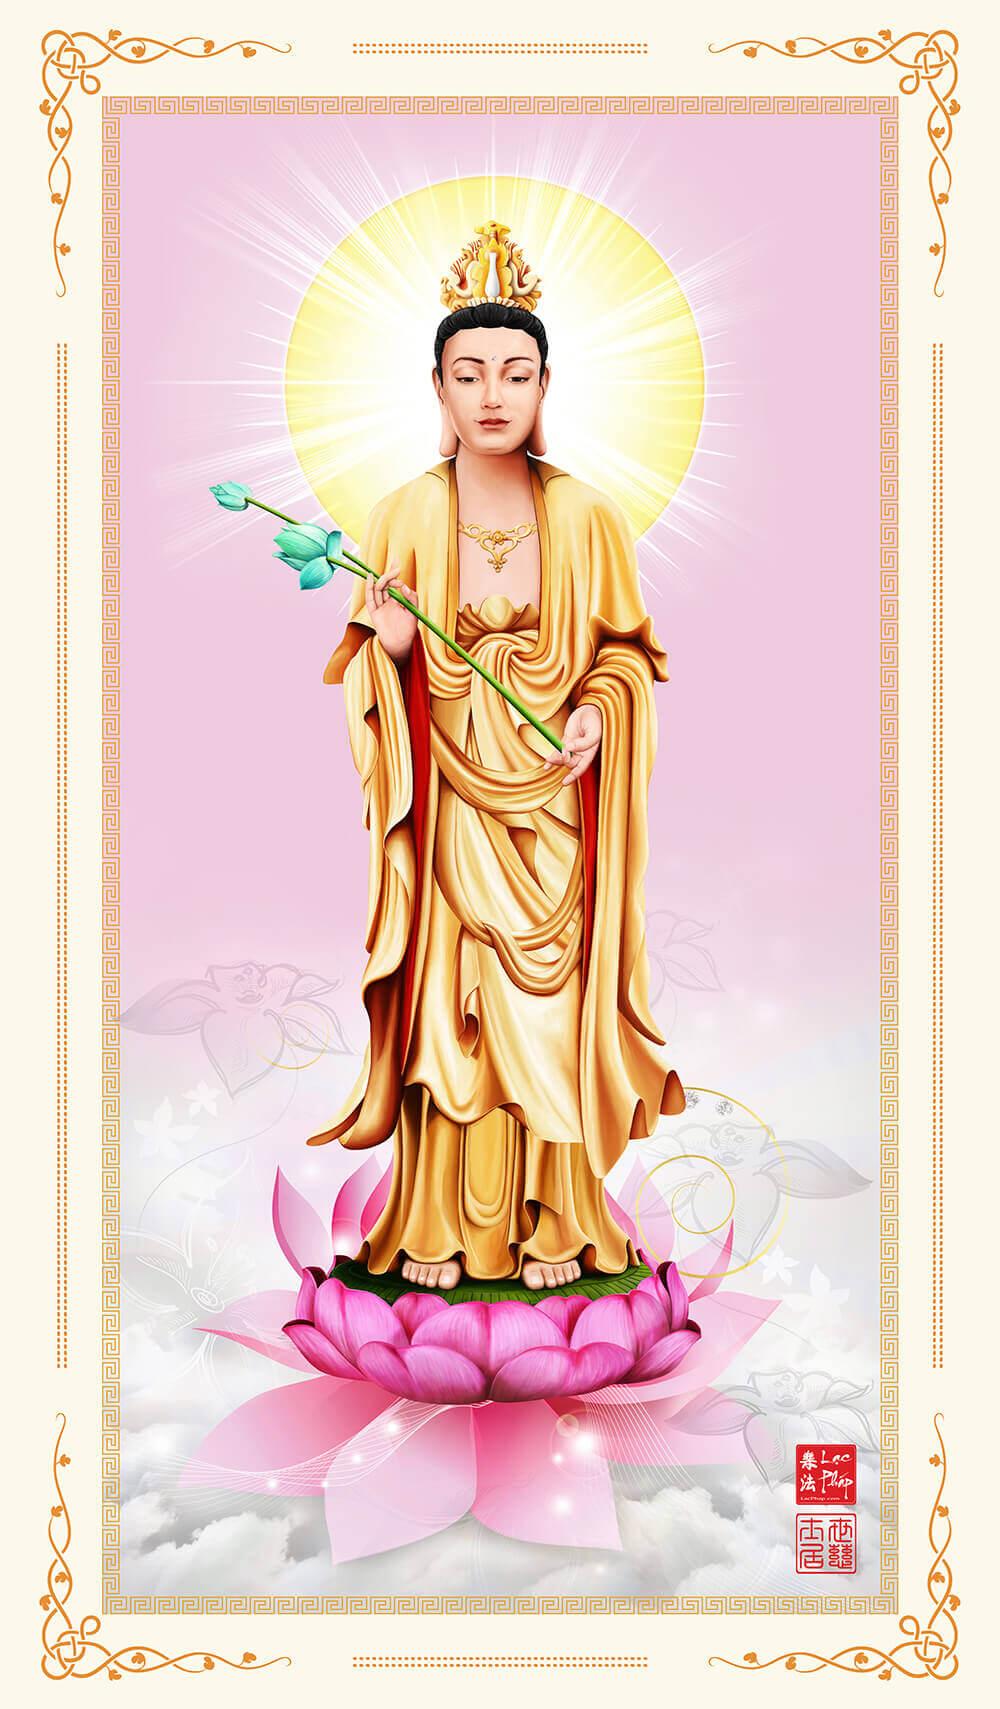 Biểu tượng cho cõi Cực Lạc là hình ảnh của Tây Phương Tam Thánh, với Vị Giáo Chủ là Đức A Di Đà Phật, cùng với hai cánh tay \u201cđắc lực\u201d của Ngài là Bồ Tát ...